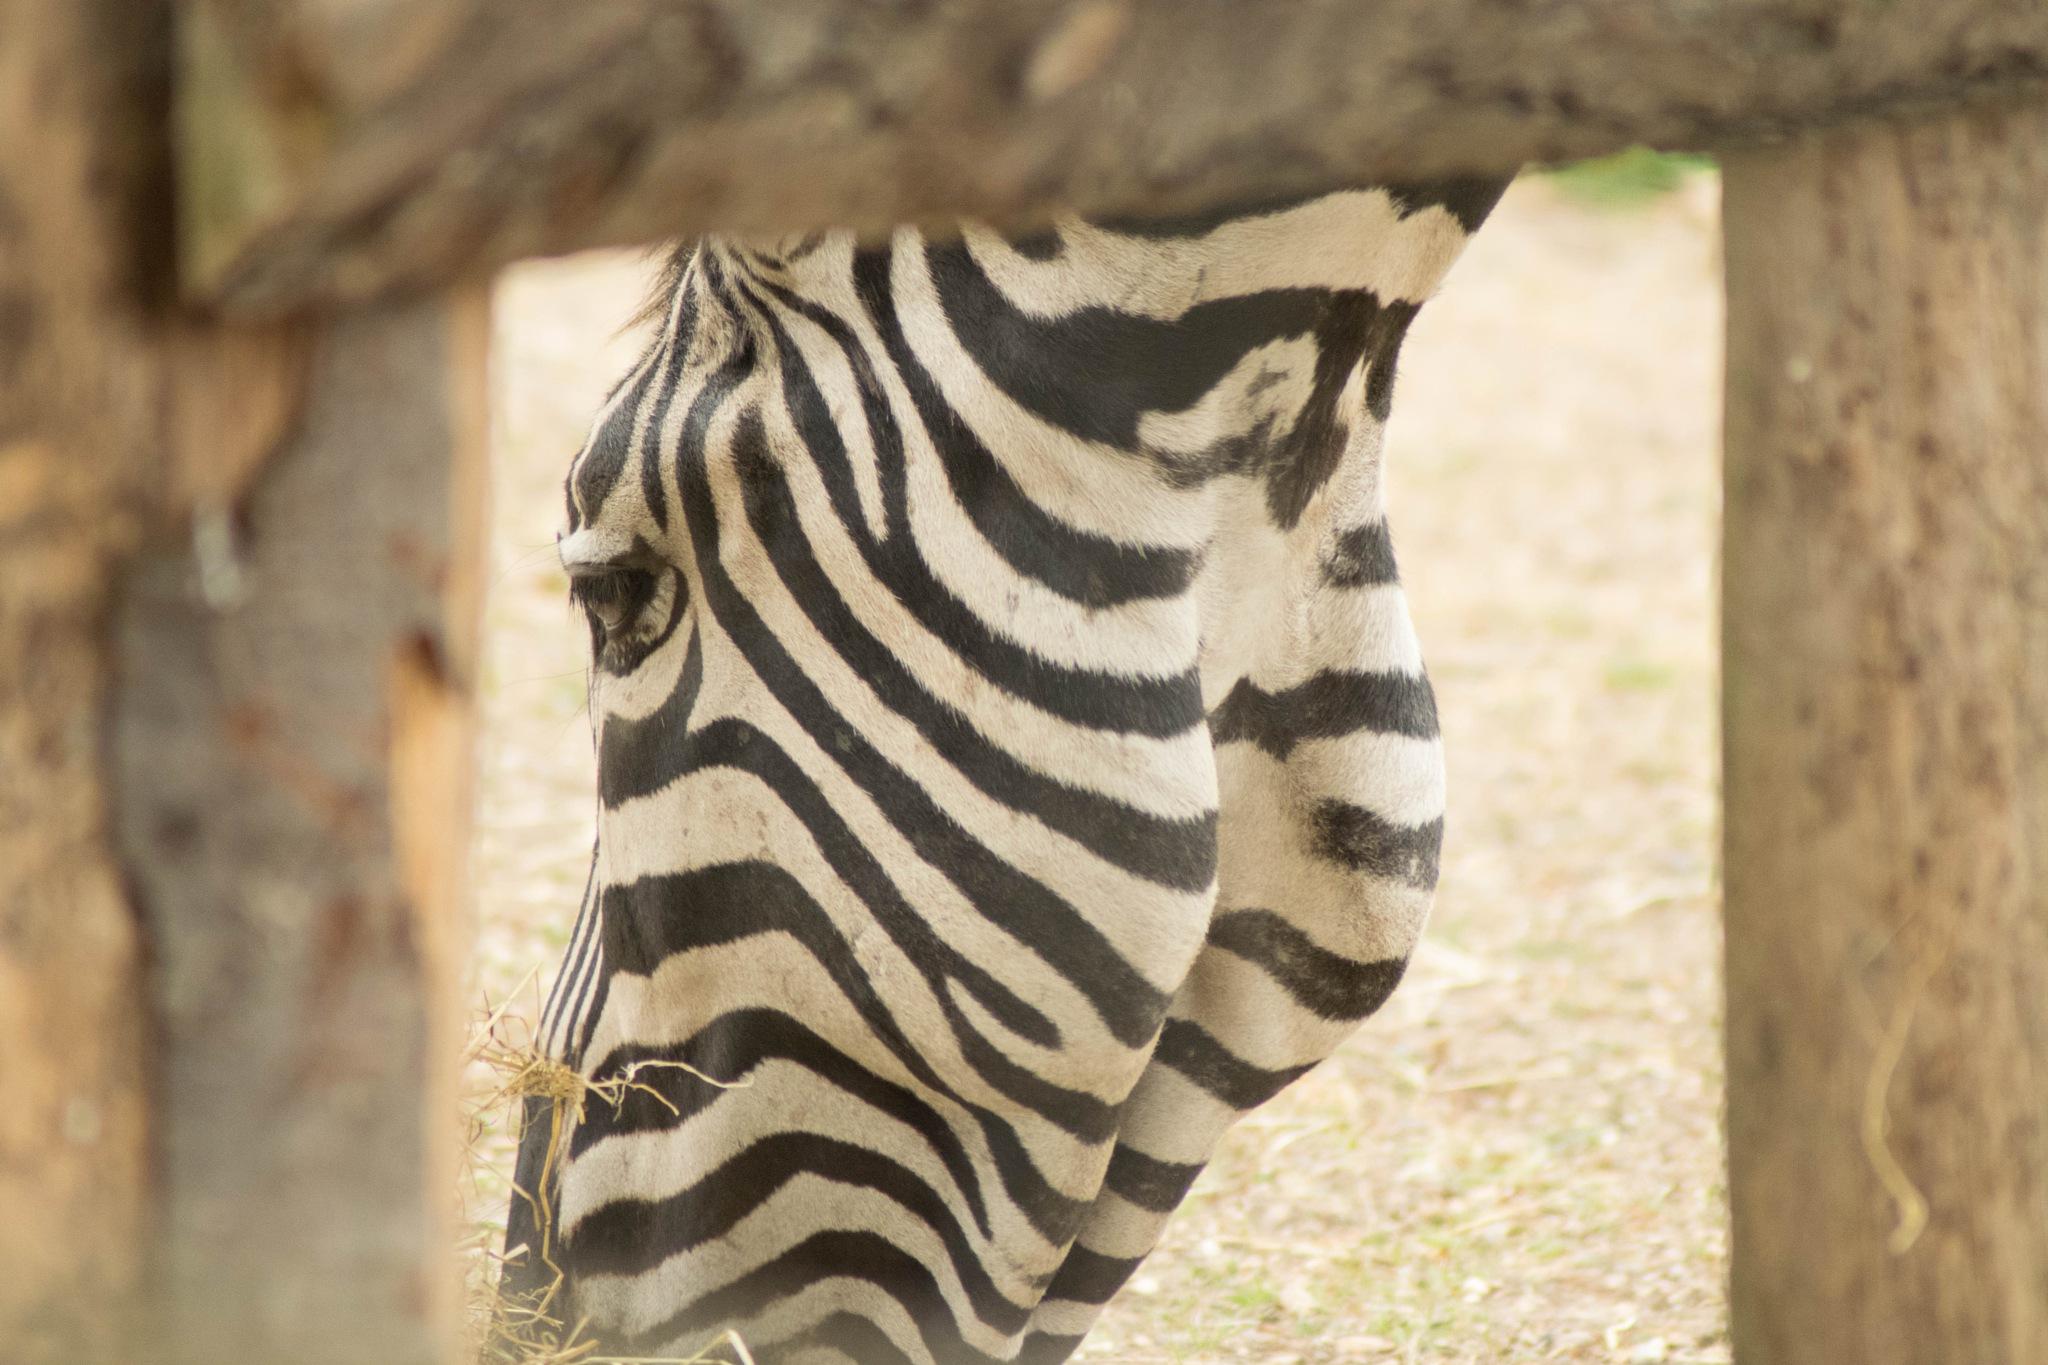 Zebra eating by Dan Waters